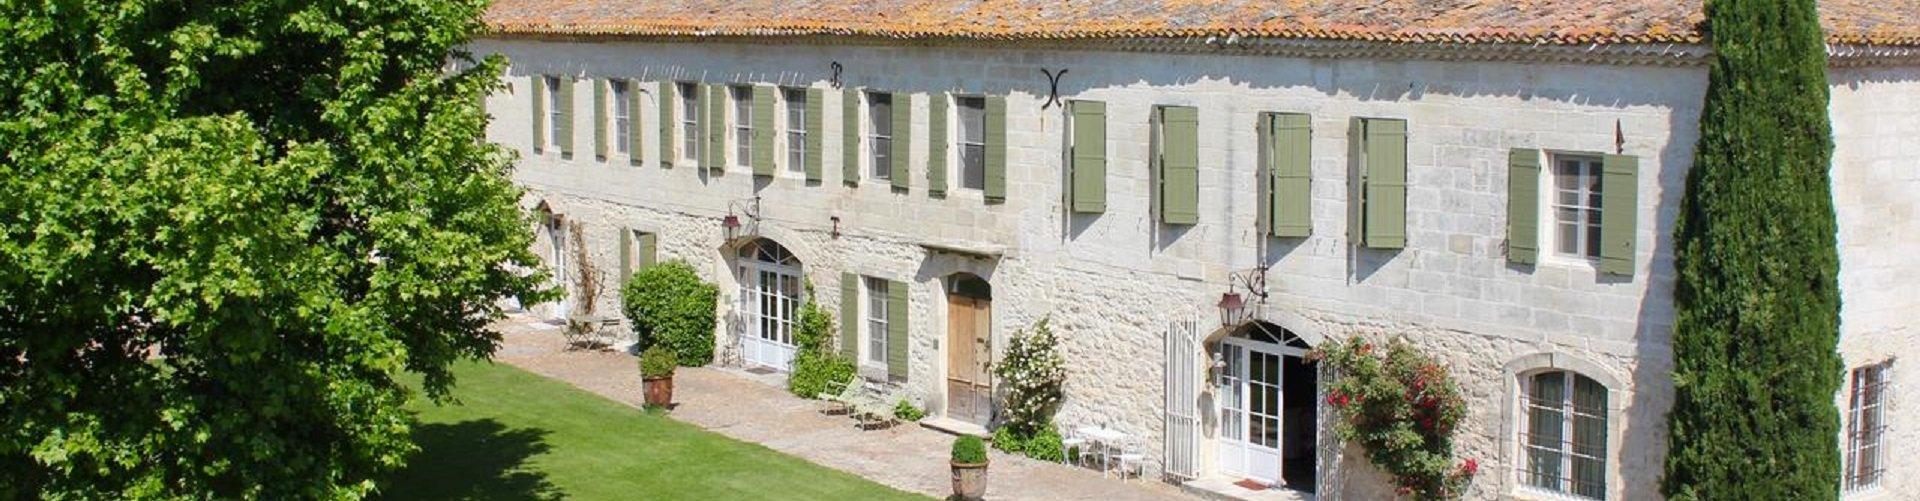 Bannerfoto Domaine des Clos